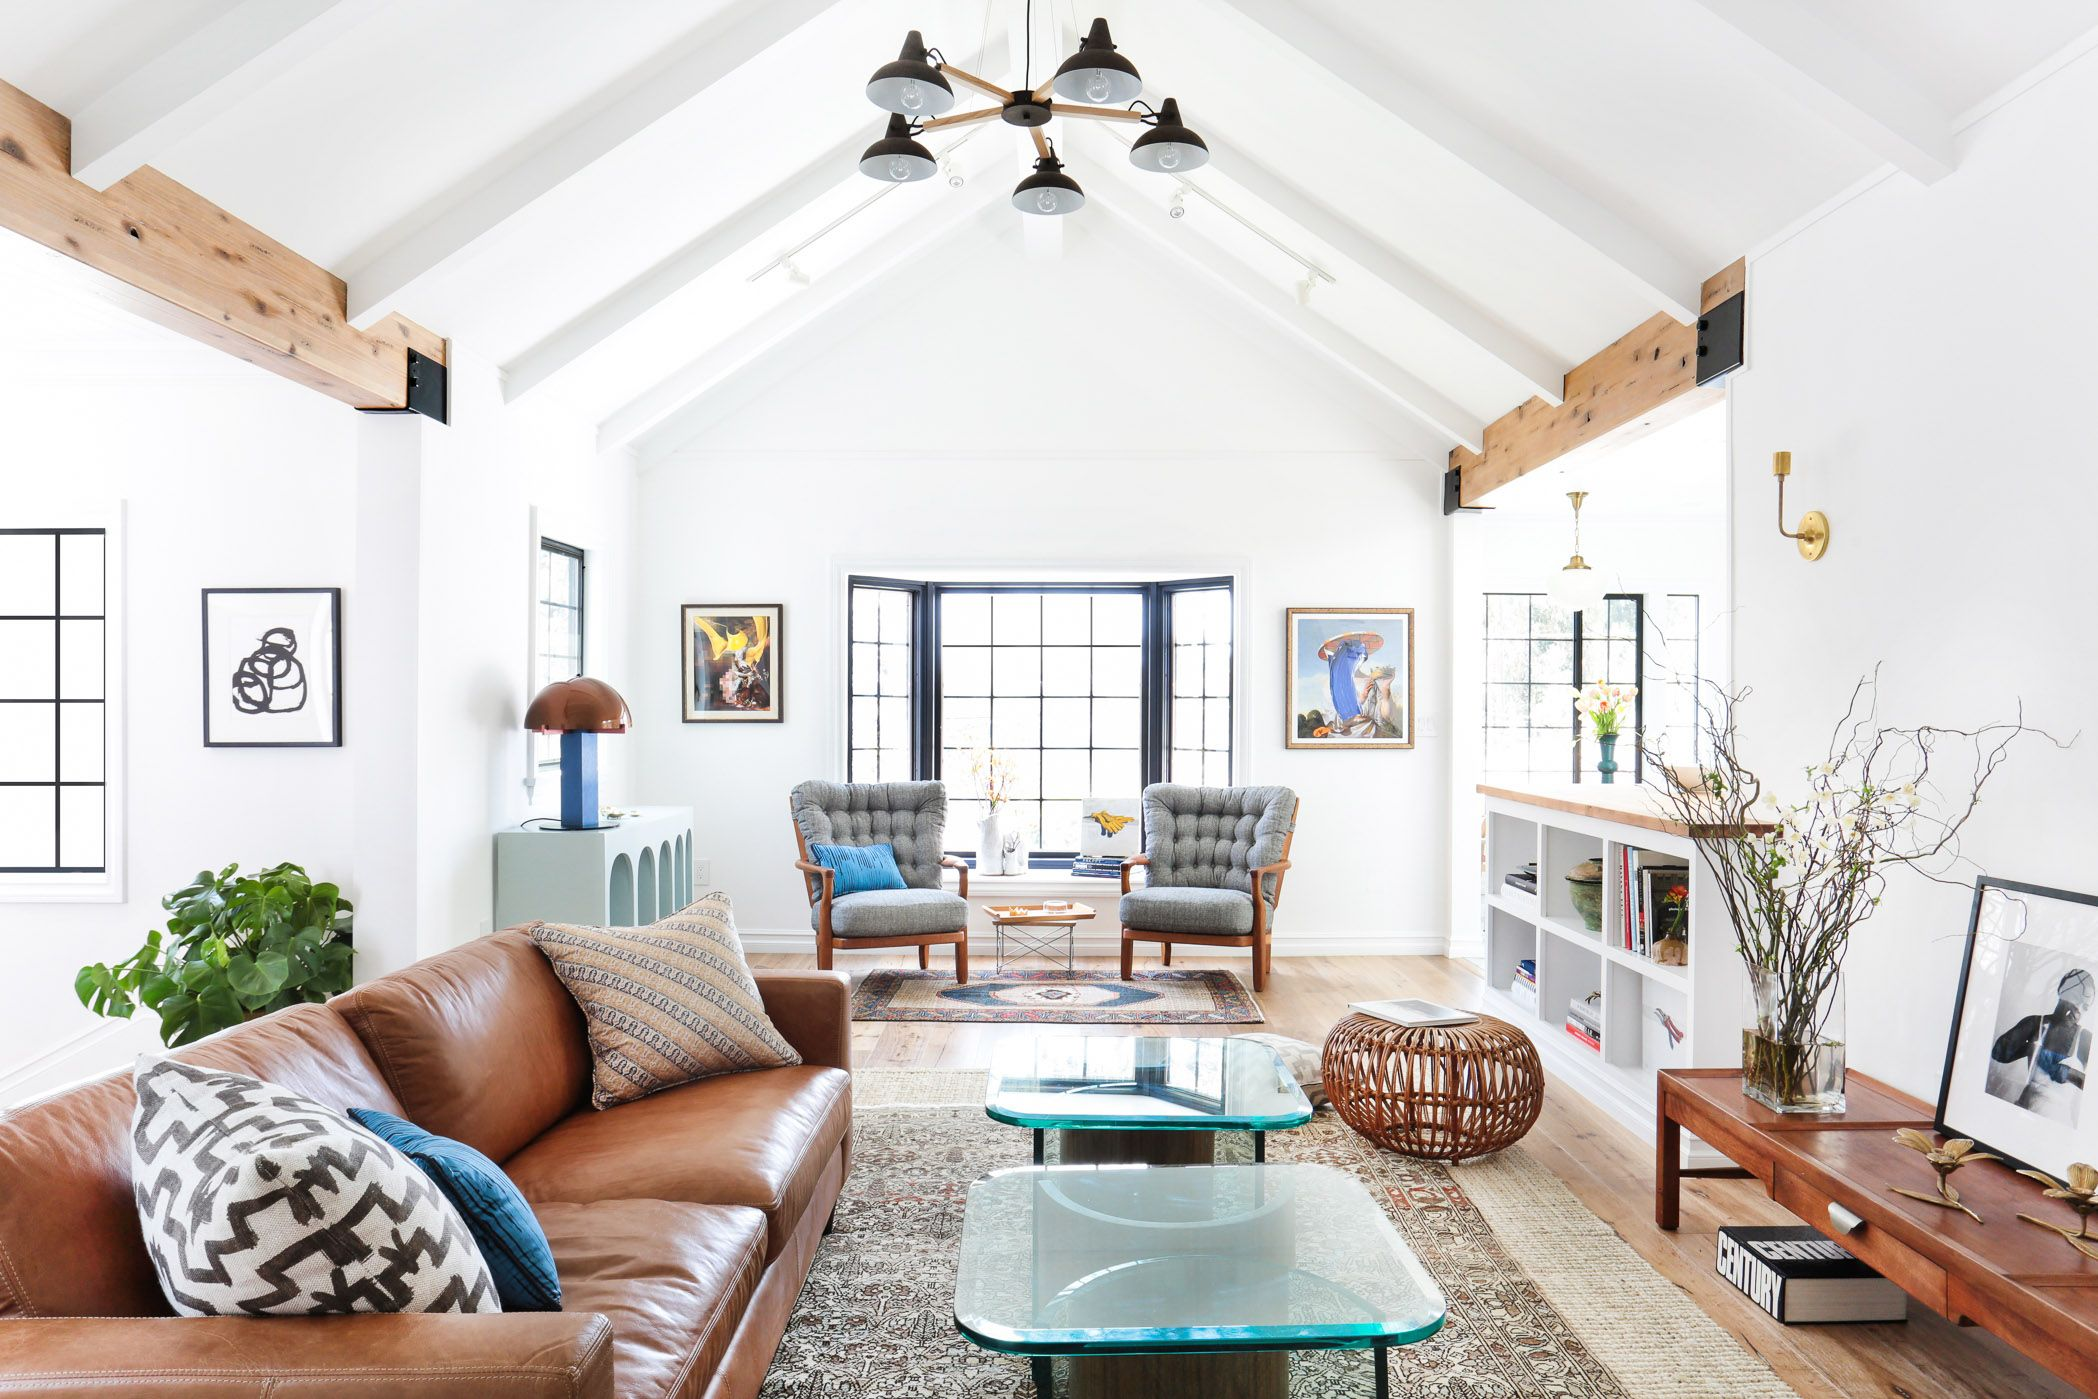 Salon de style scandinave: plafonds clairs avec poutres en bois, grandes fenêtres, parquet et détails bien pensés dans le décor de la pièce (vases, peintures, lampes, pots de fleurs)